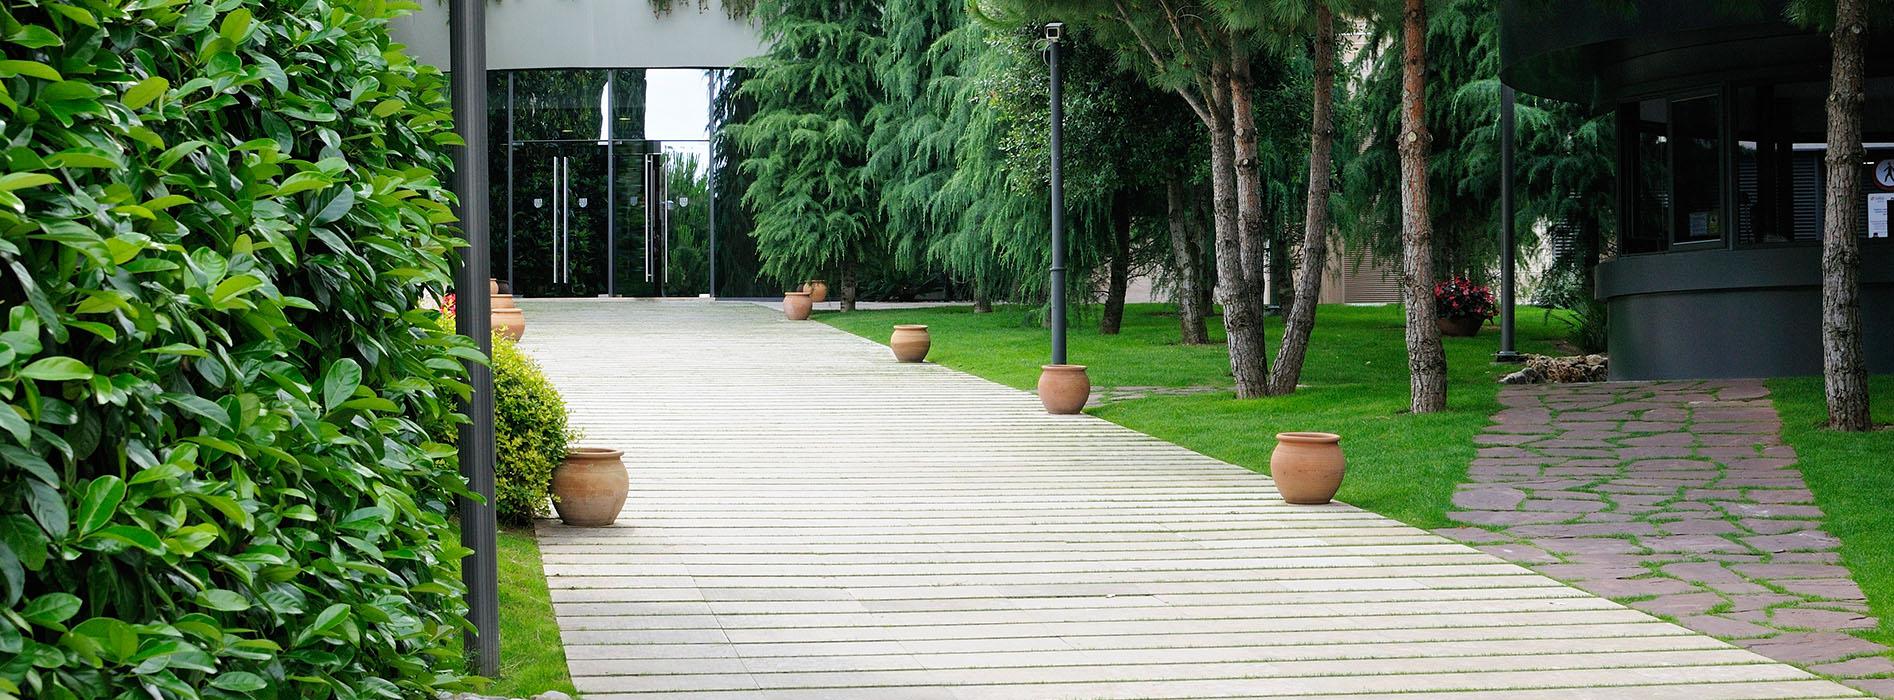 Jiconsa empresa de jardiner a y paisajismo en barcelona for Centros de jardineria barcelona